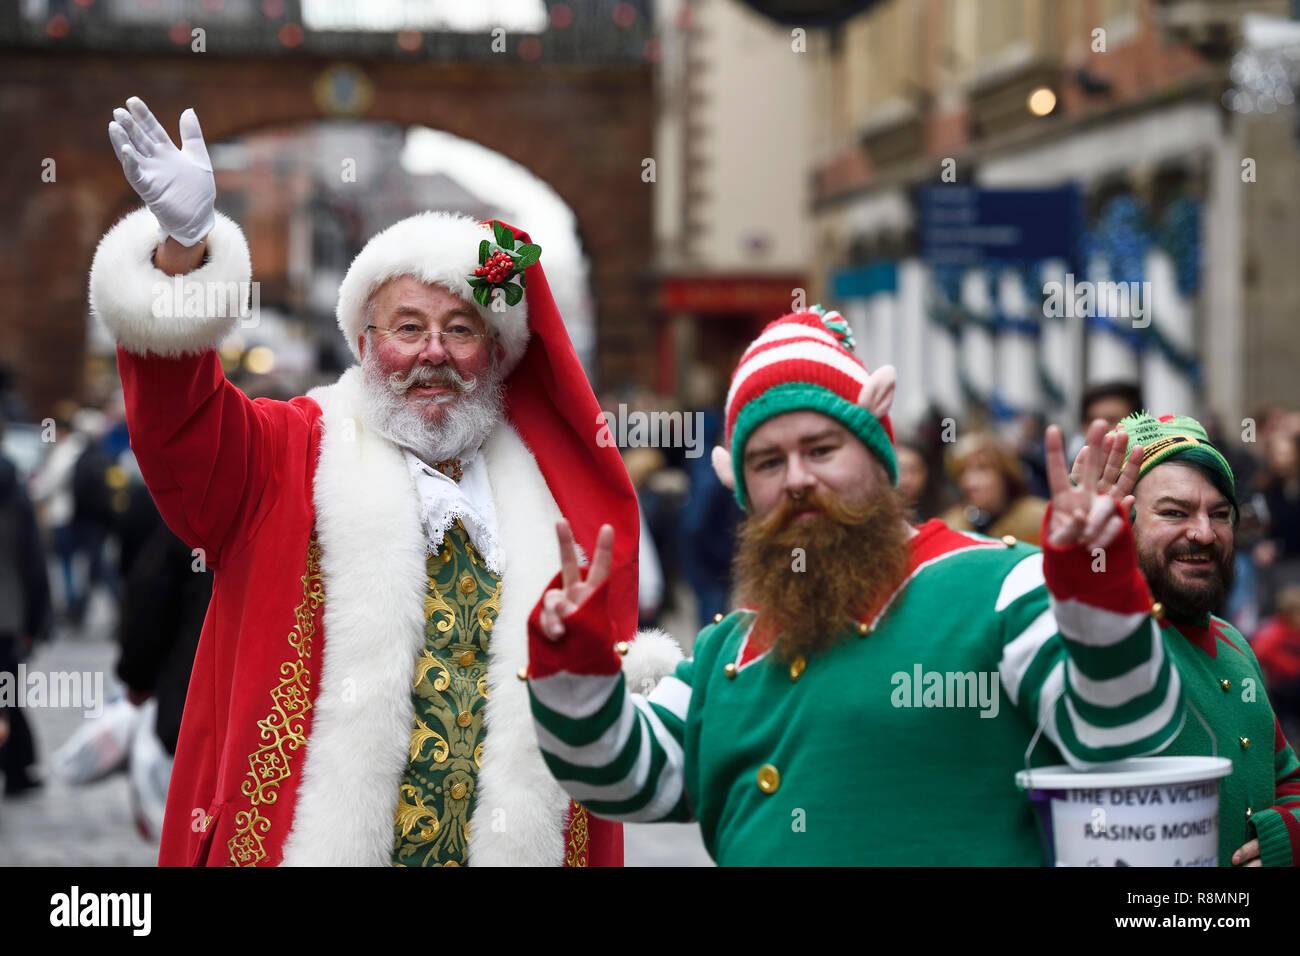 Babbo Natale E Gli Elfi.Chester Regno Unito 16 Dicembre 2018 Babbo Natale E Due Elfi